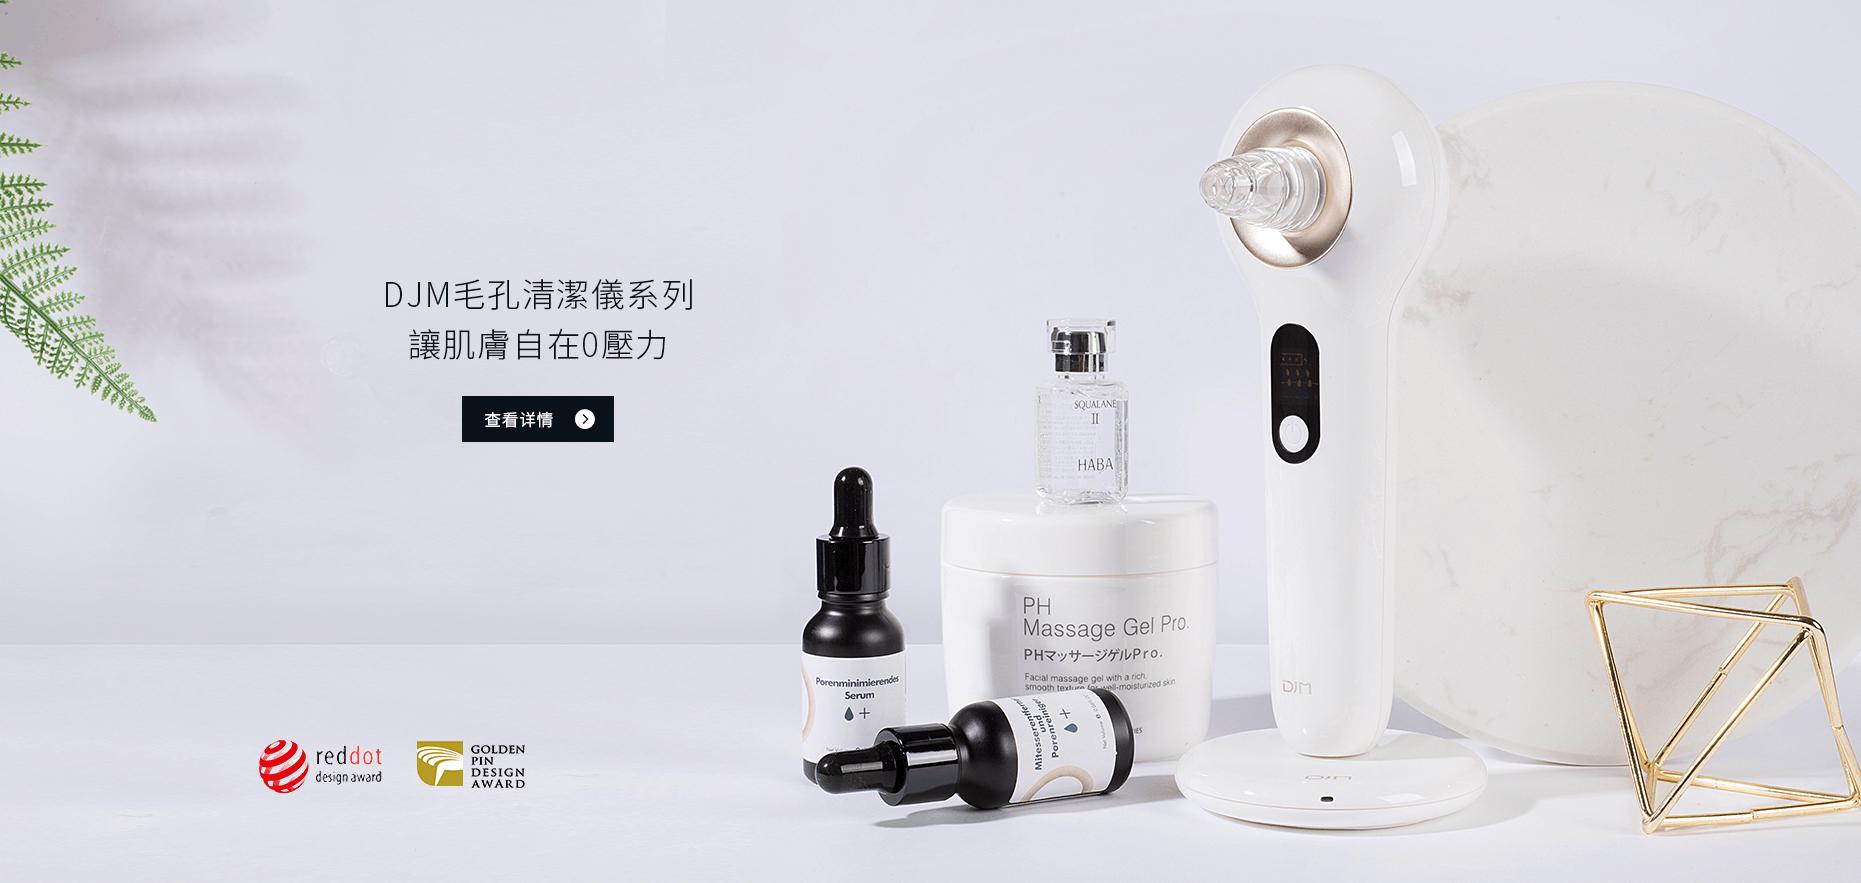 毛孔清潔儀系列 讓肌膚自在0壓力